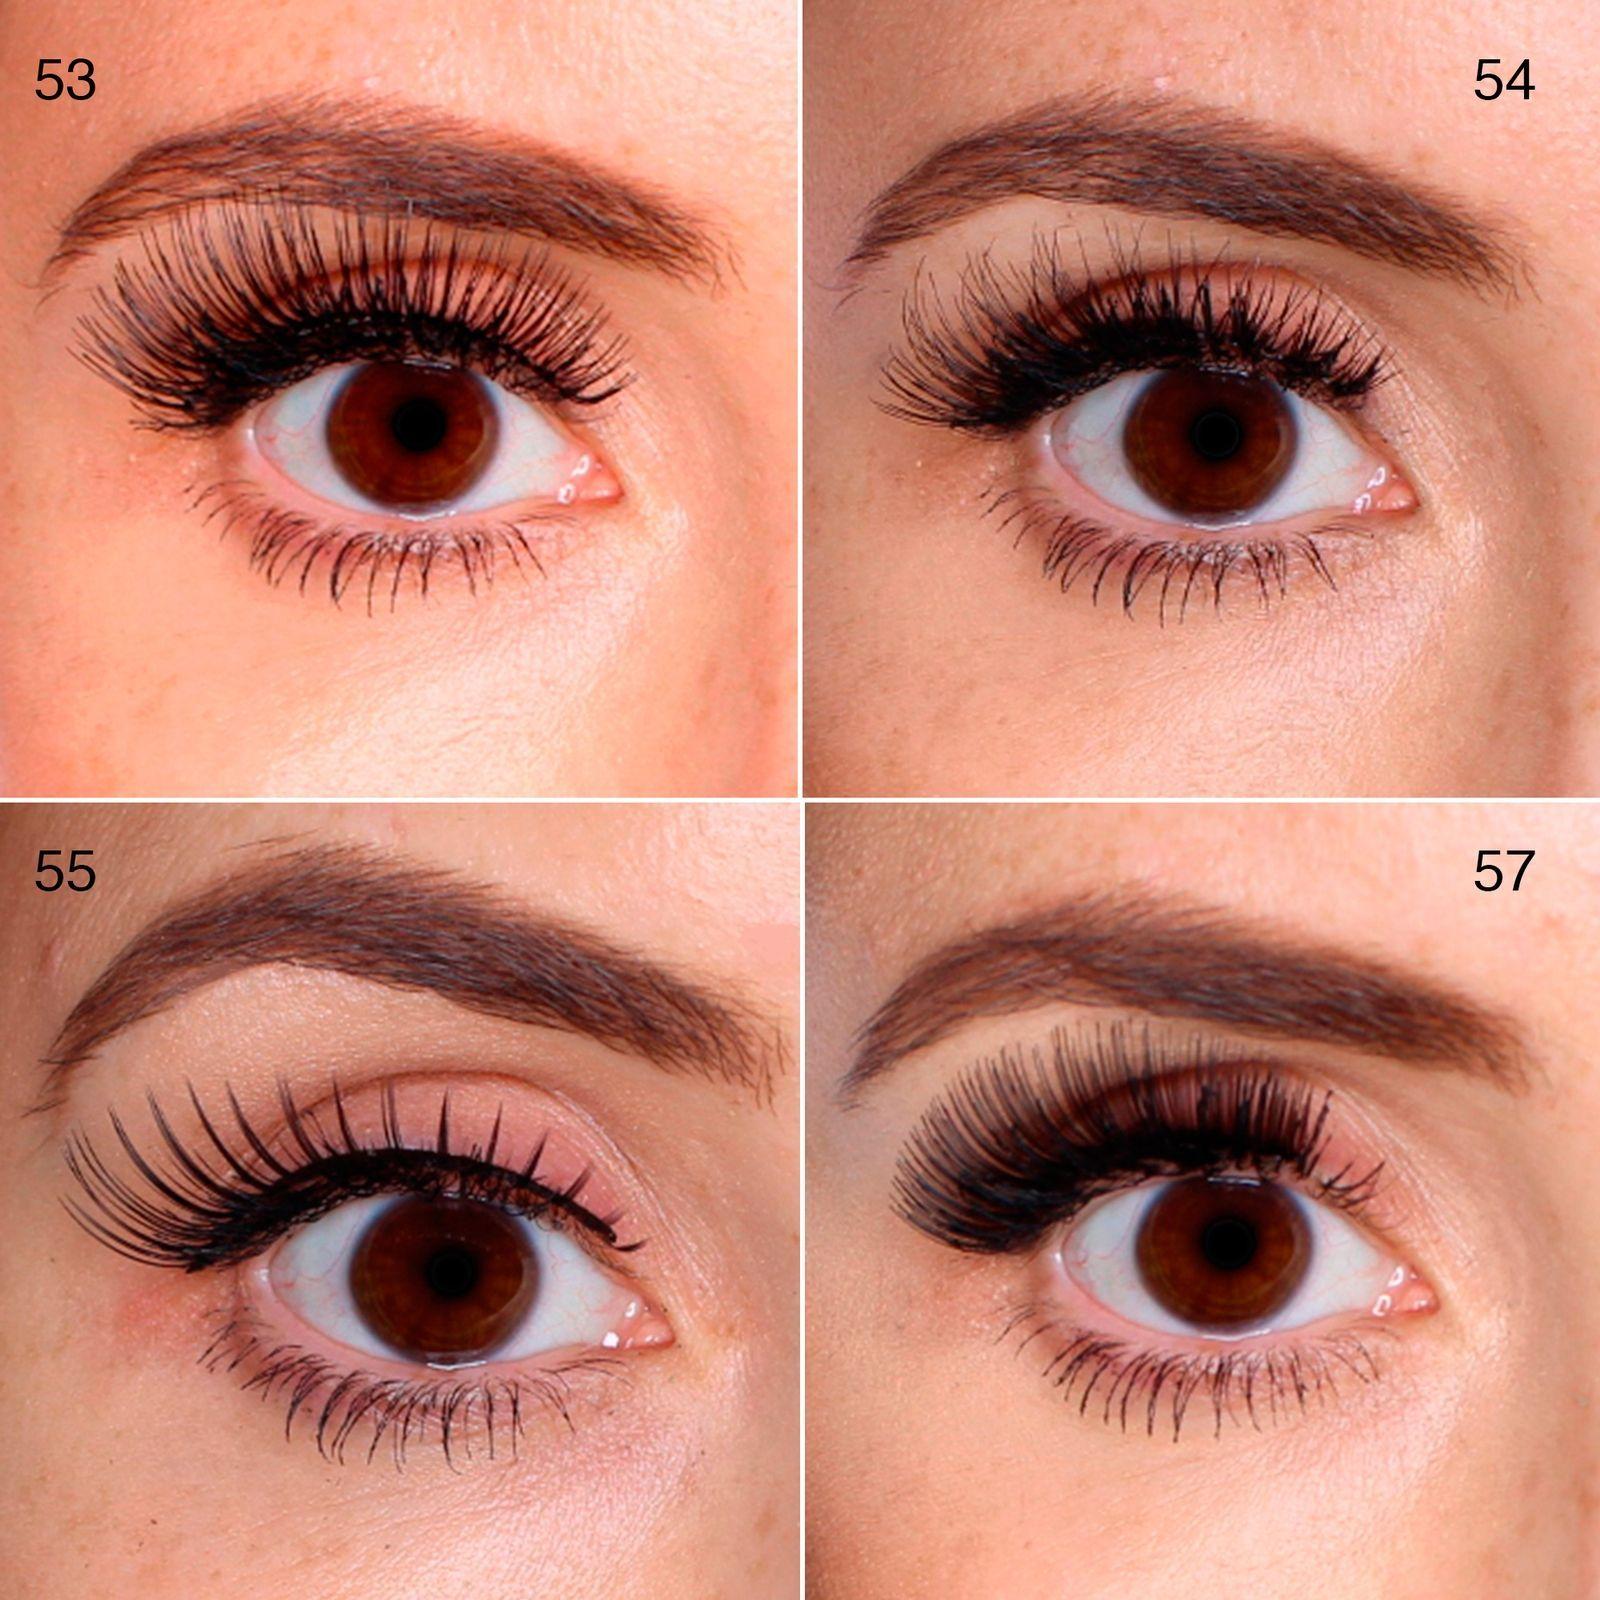 100 False Lashes Tested On One Eye Picture Reviews Best Eyelasheswedding